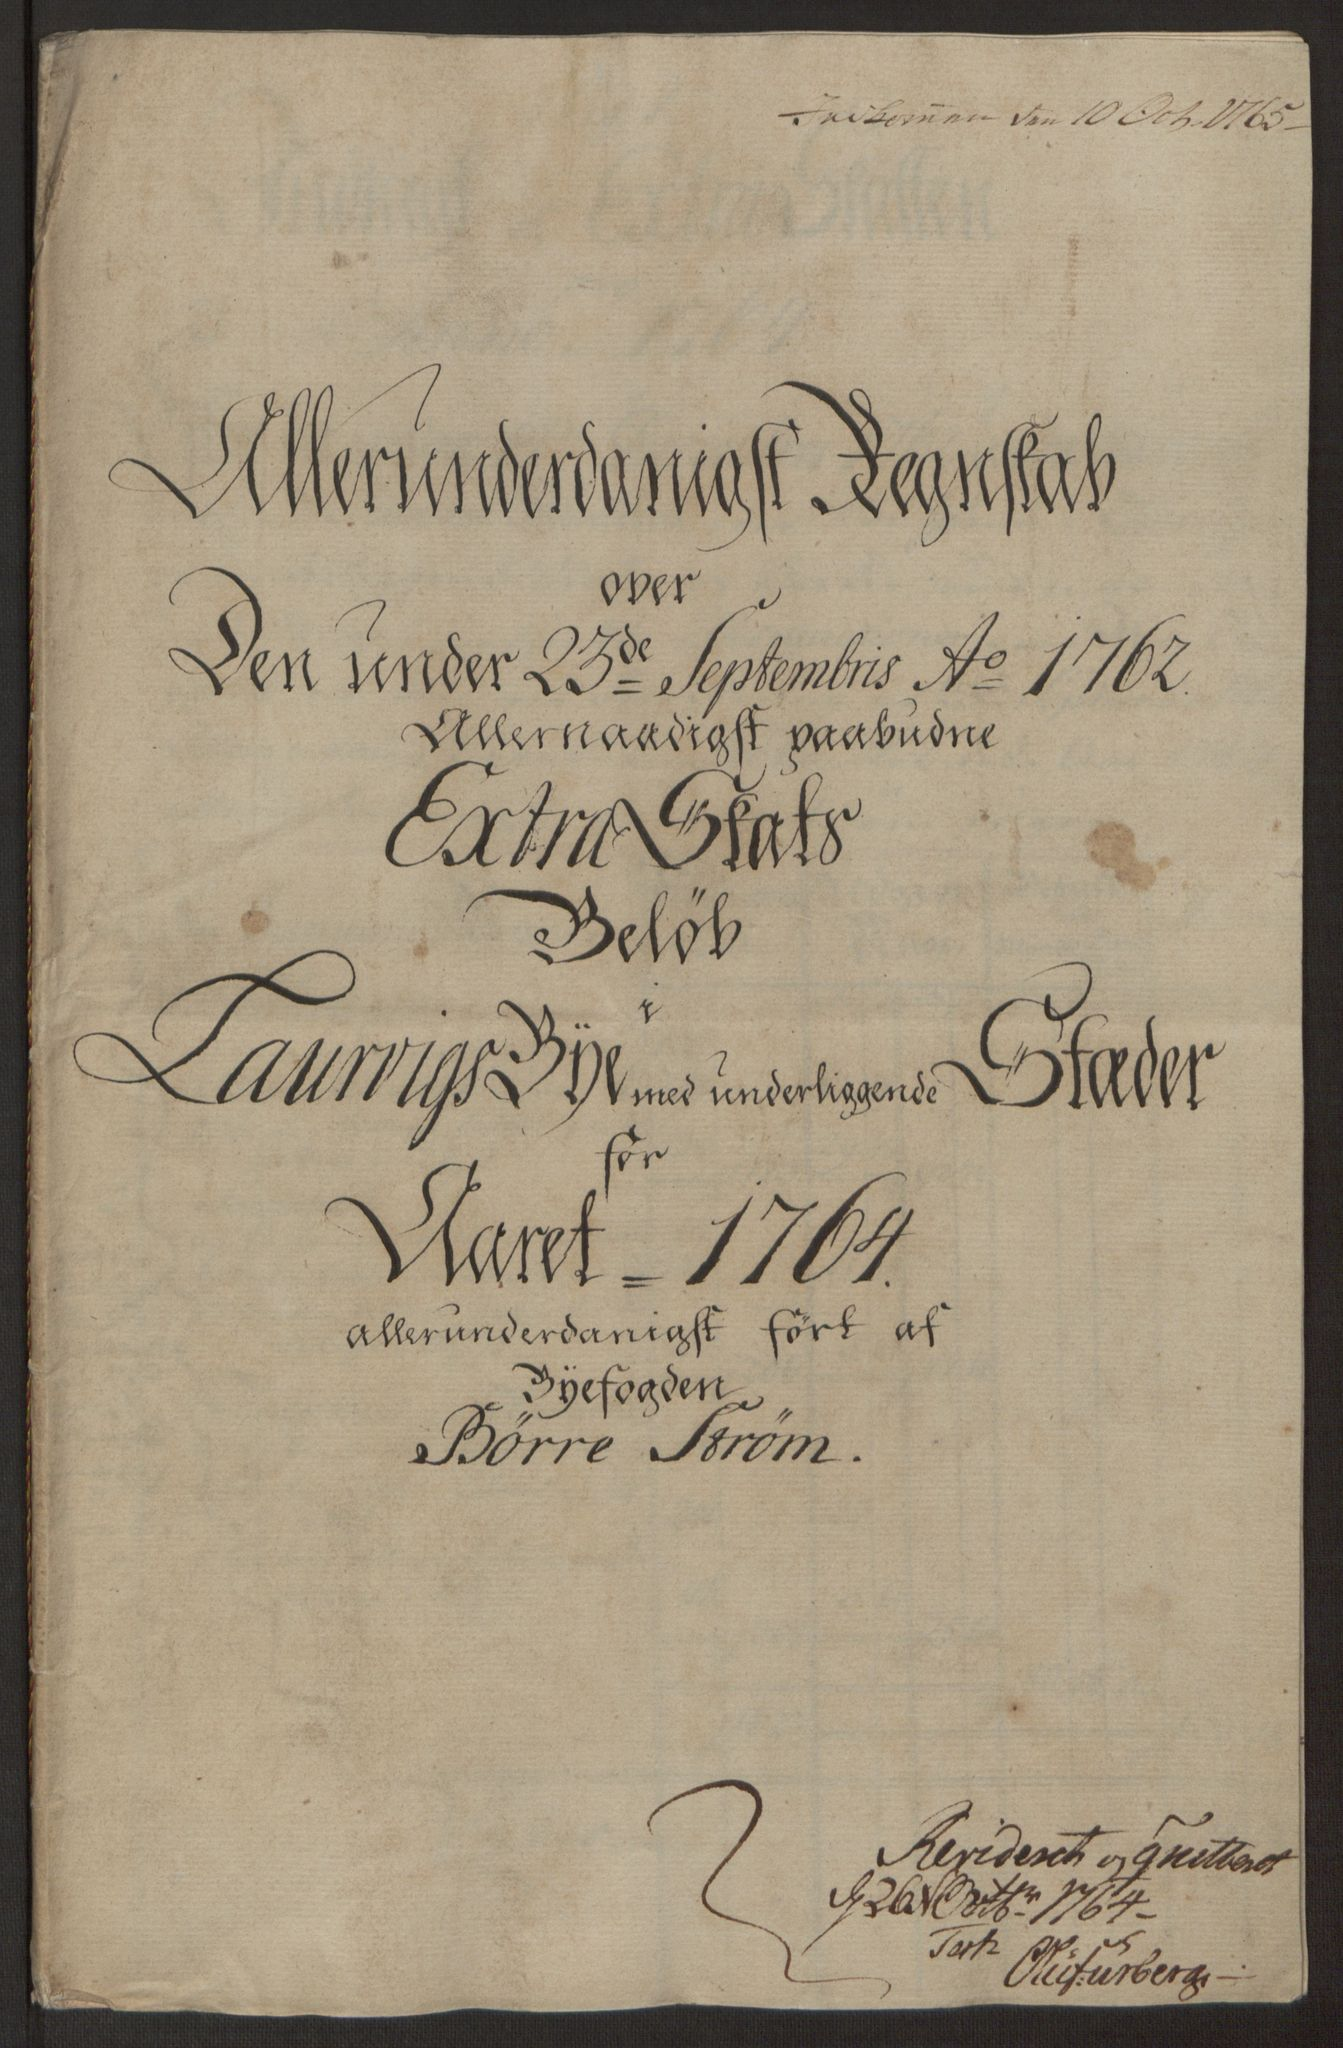 RA, Rentekammeret inntil 1814, Reviderte regnskaper, Byregnskaper, R/Ri/L0183: [I4] Kontribusjonsregnskap, 1762-1768, s. 166